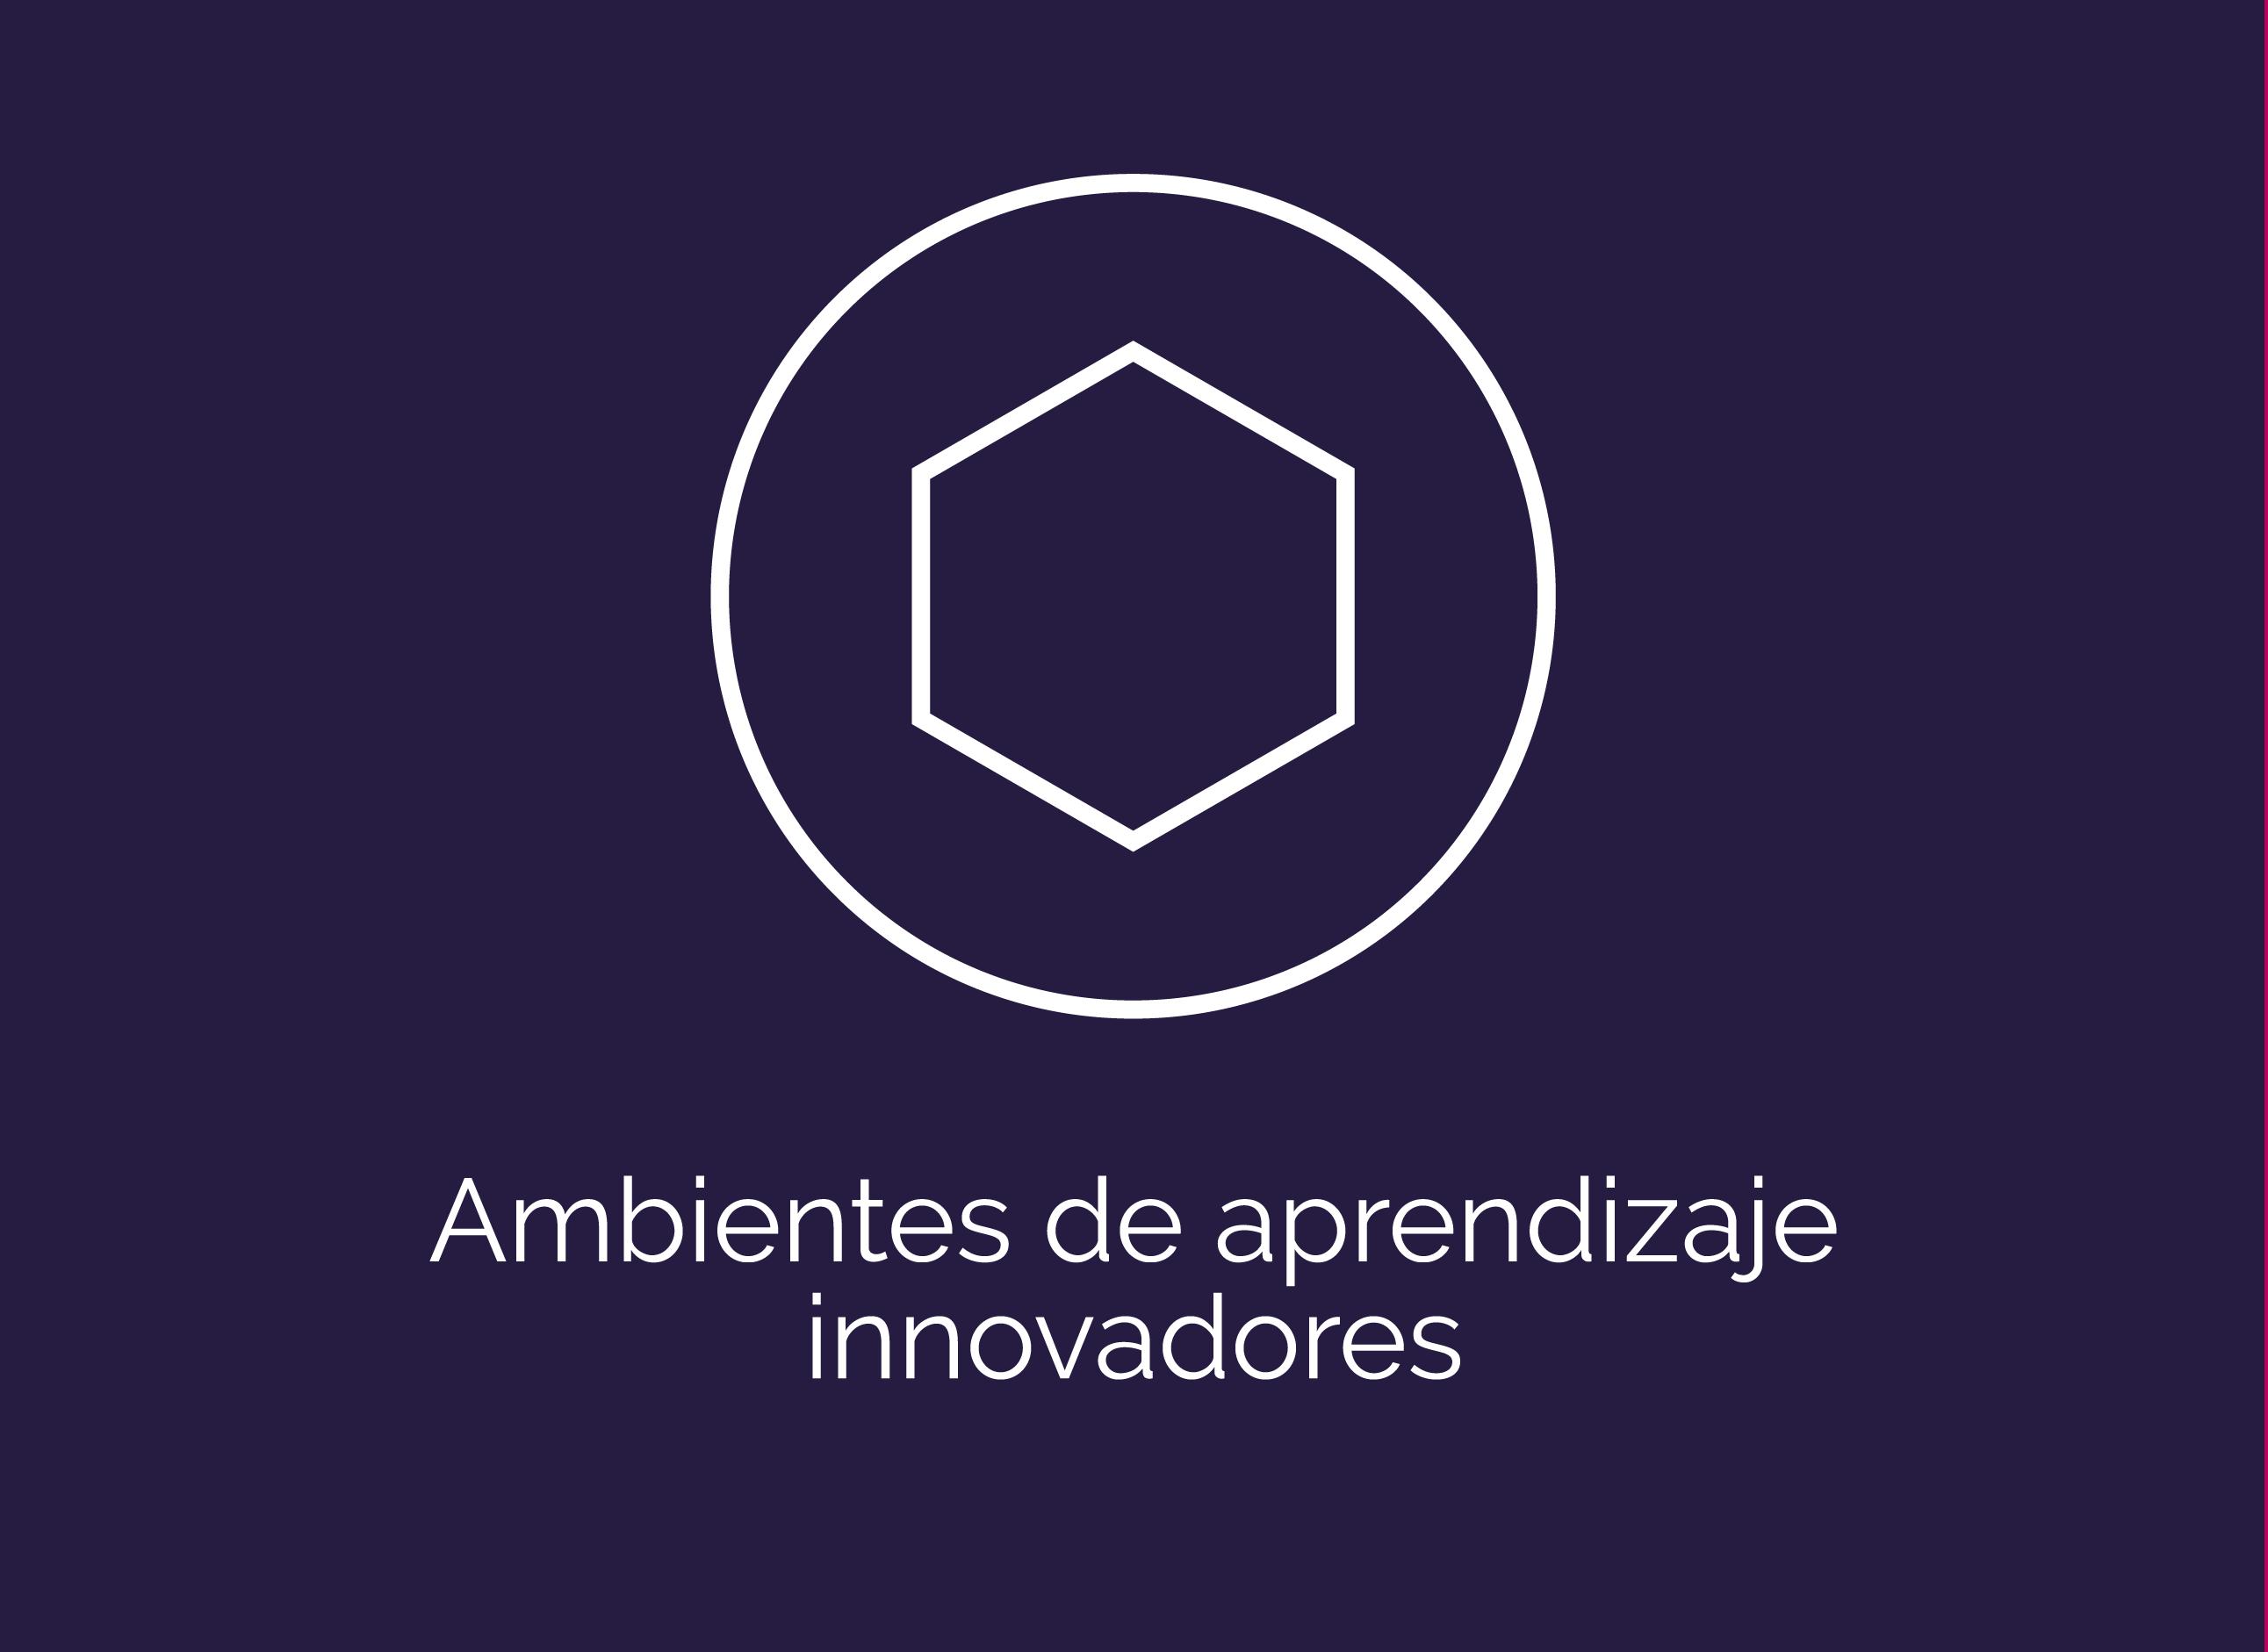 14a Edición - Innovación en ambientes de aprendizaje